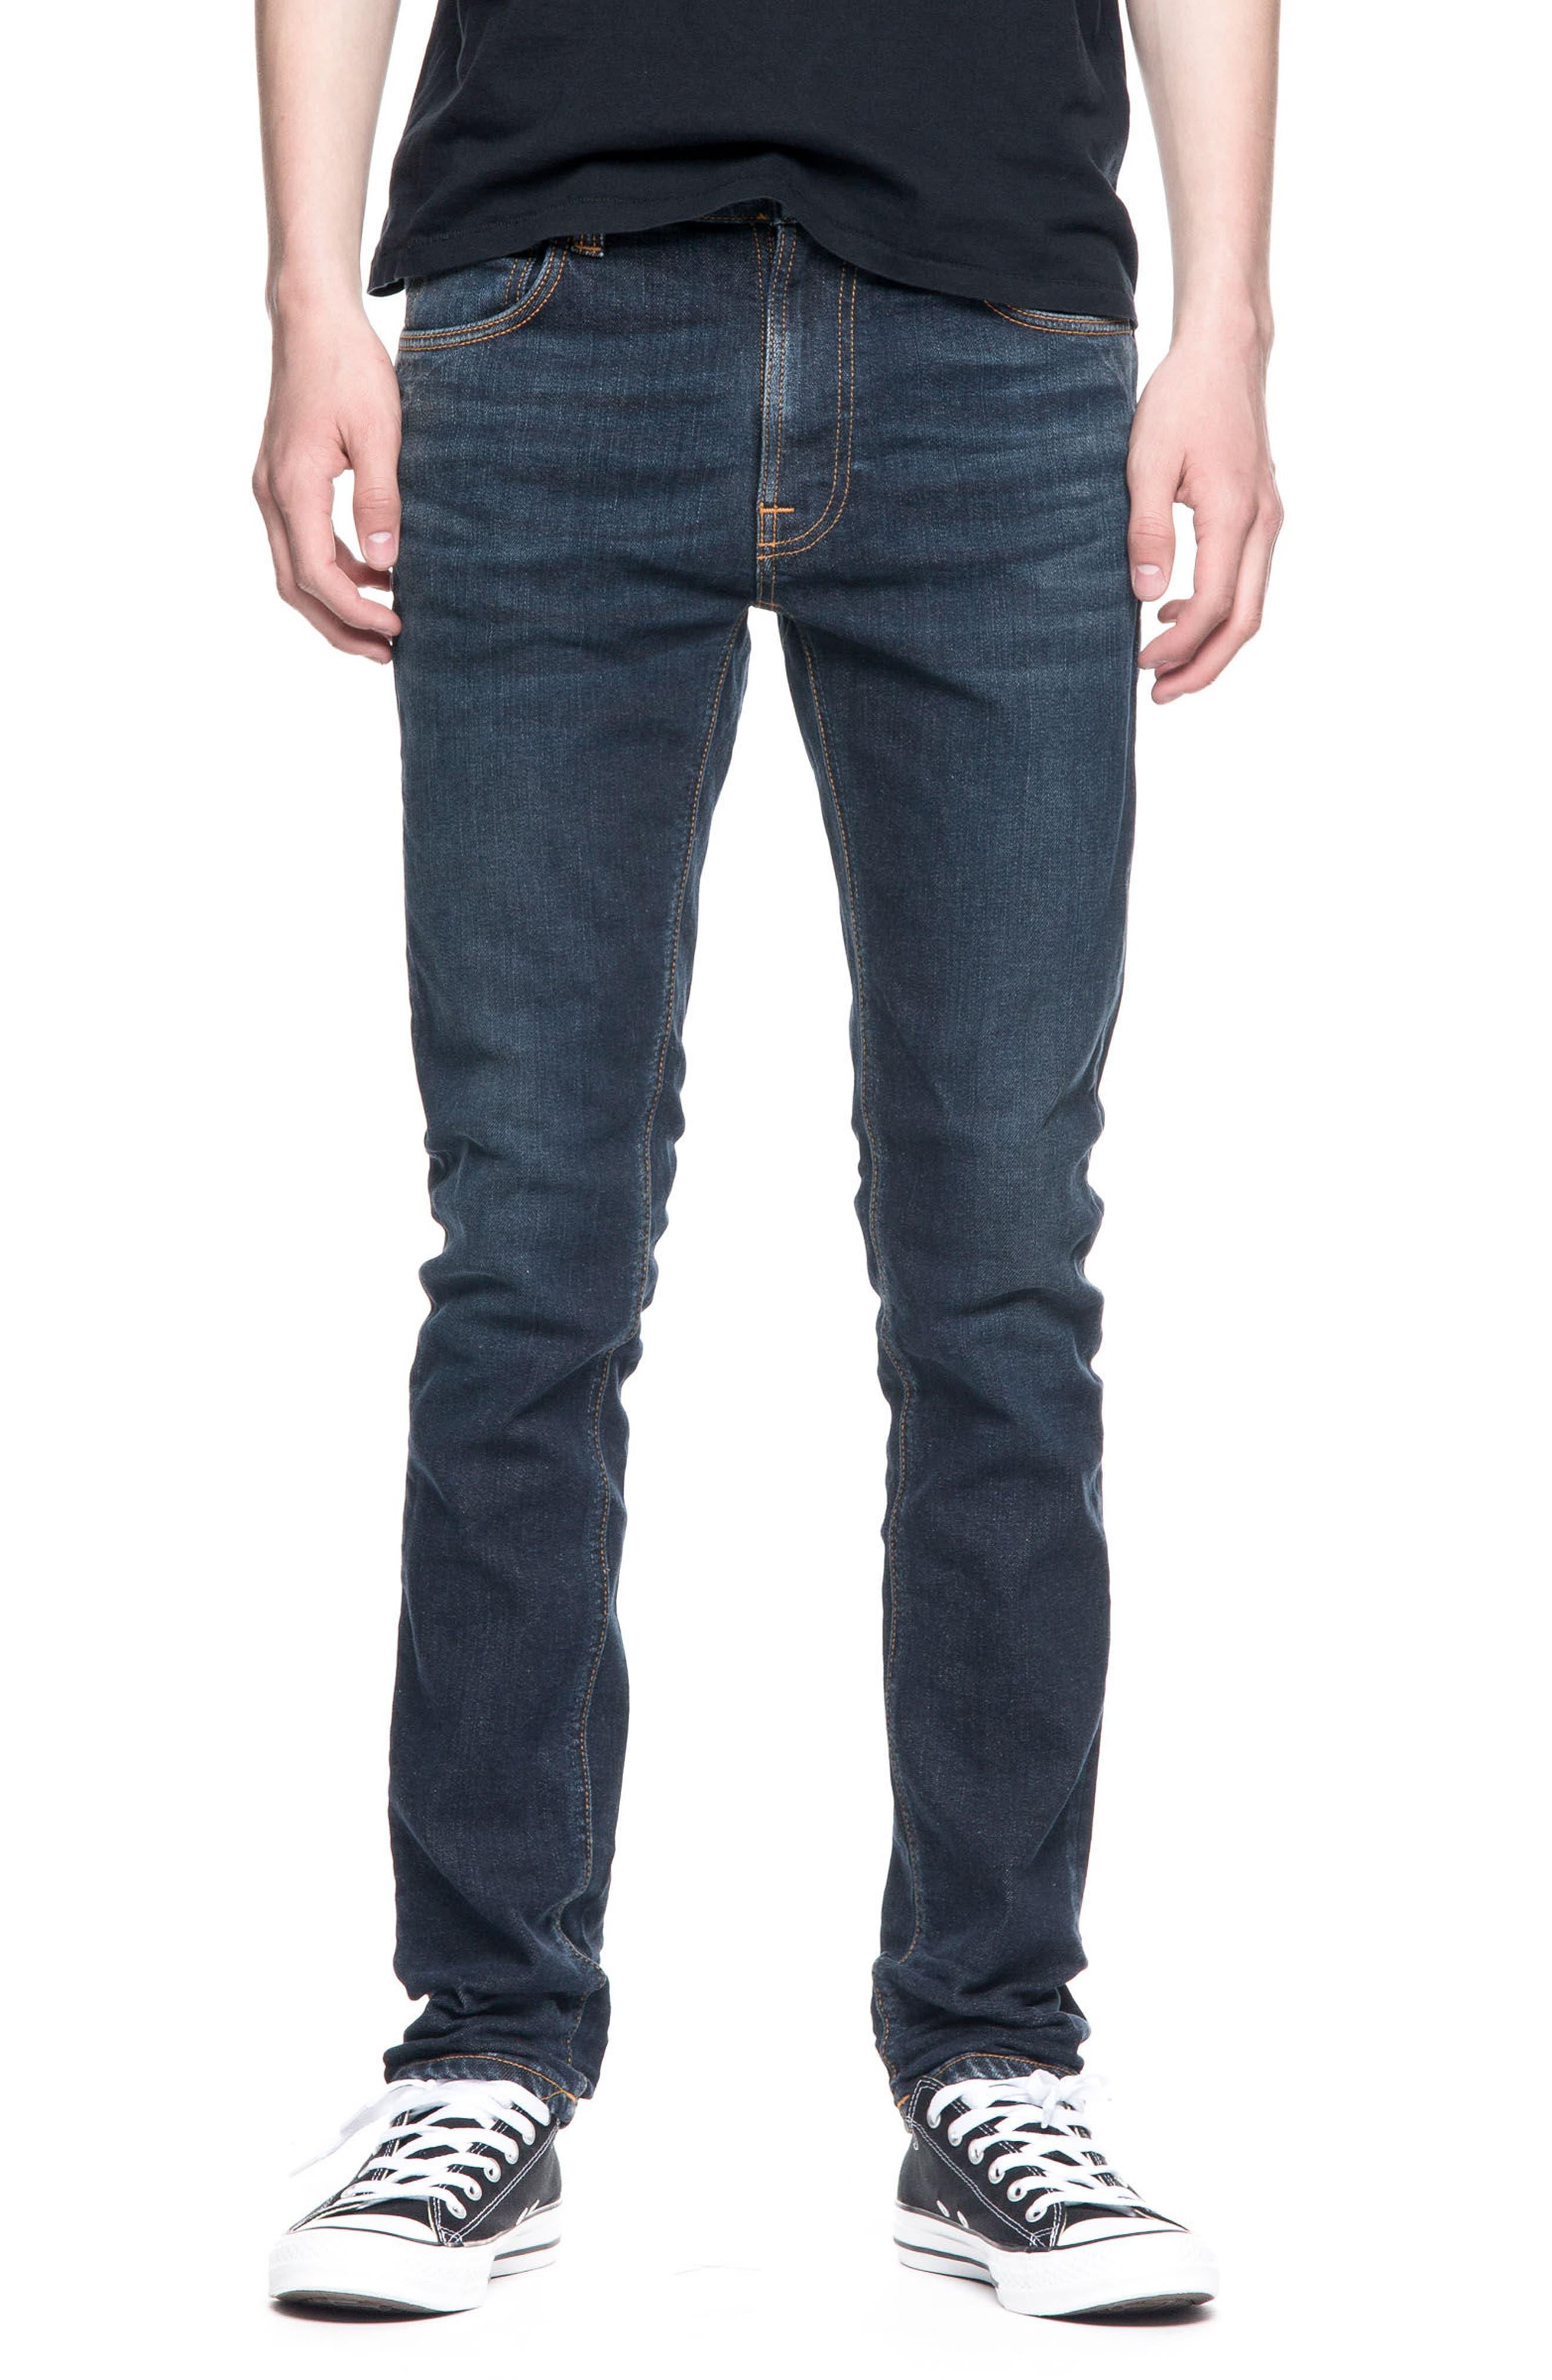 Nudie Jeans Lean Dean Slouchy Slim Fit Jeans (Endorsed Indigo)